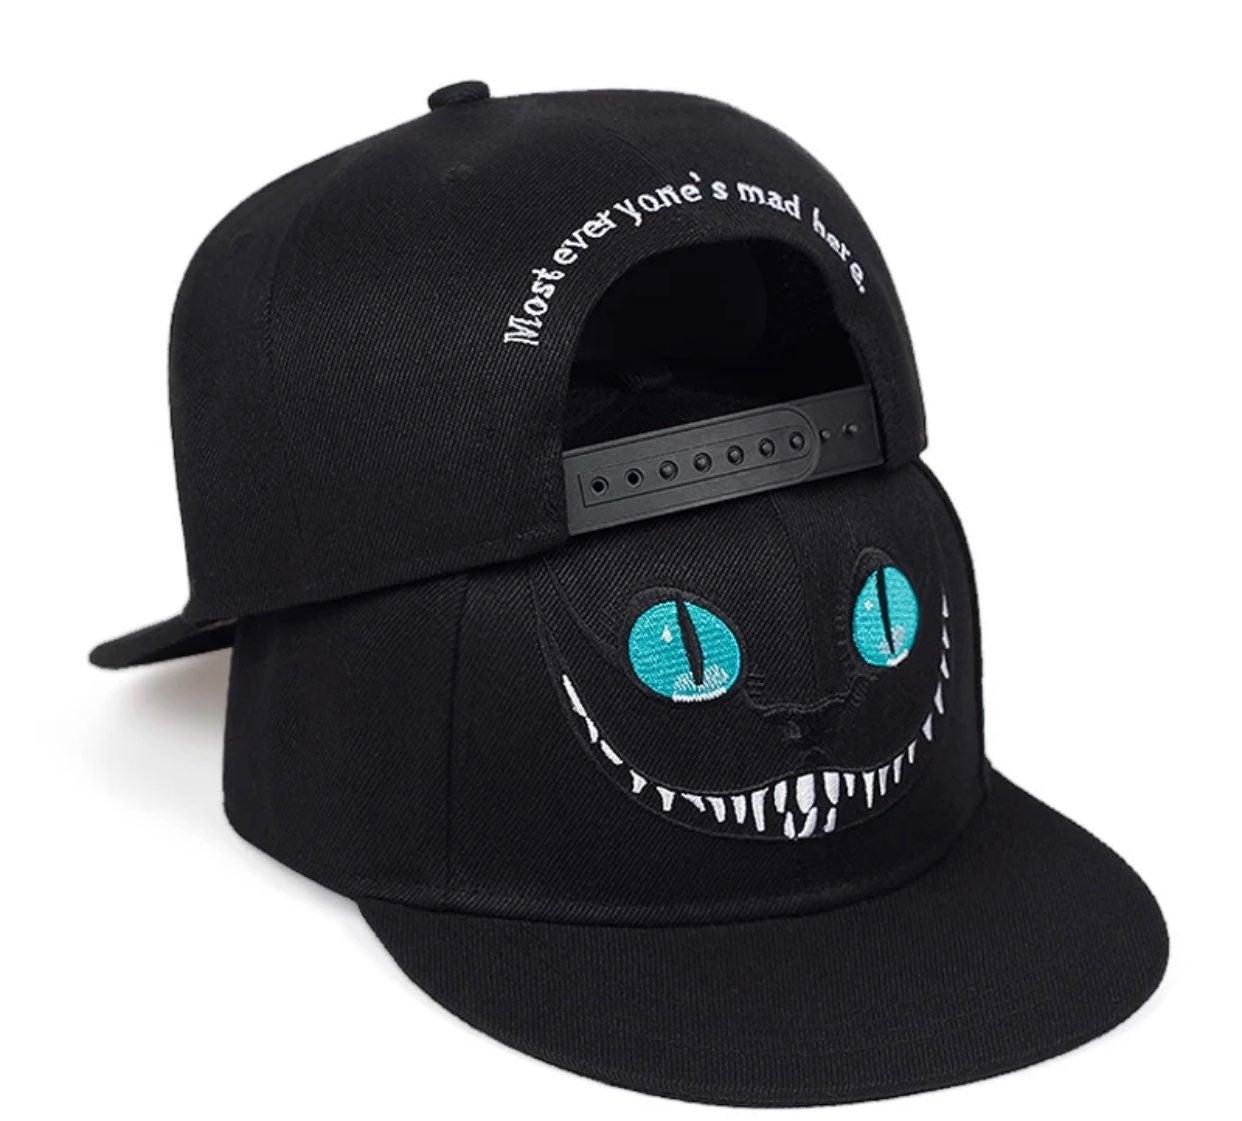 Black cheshire cat smile cap hat mad